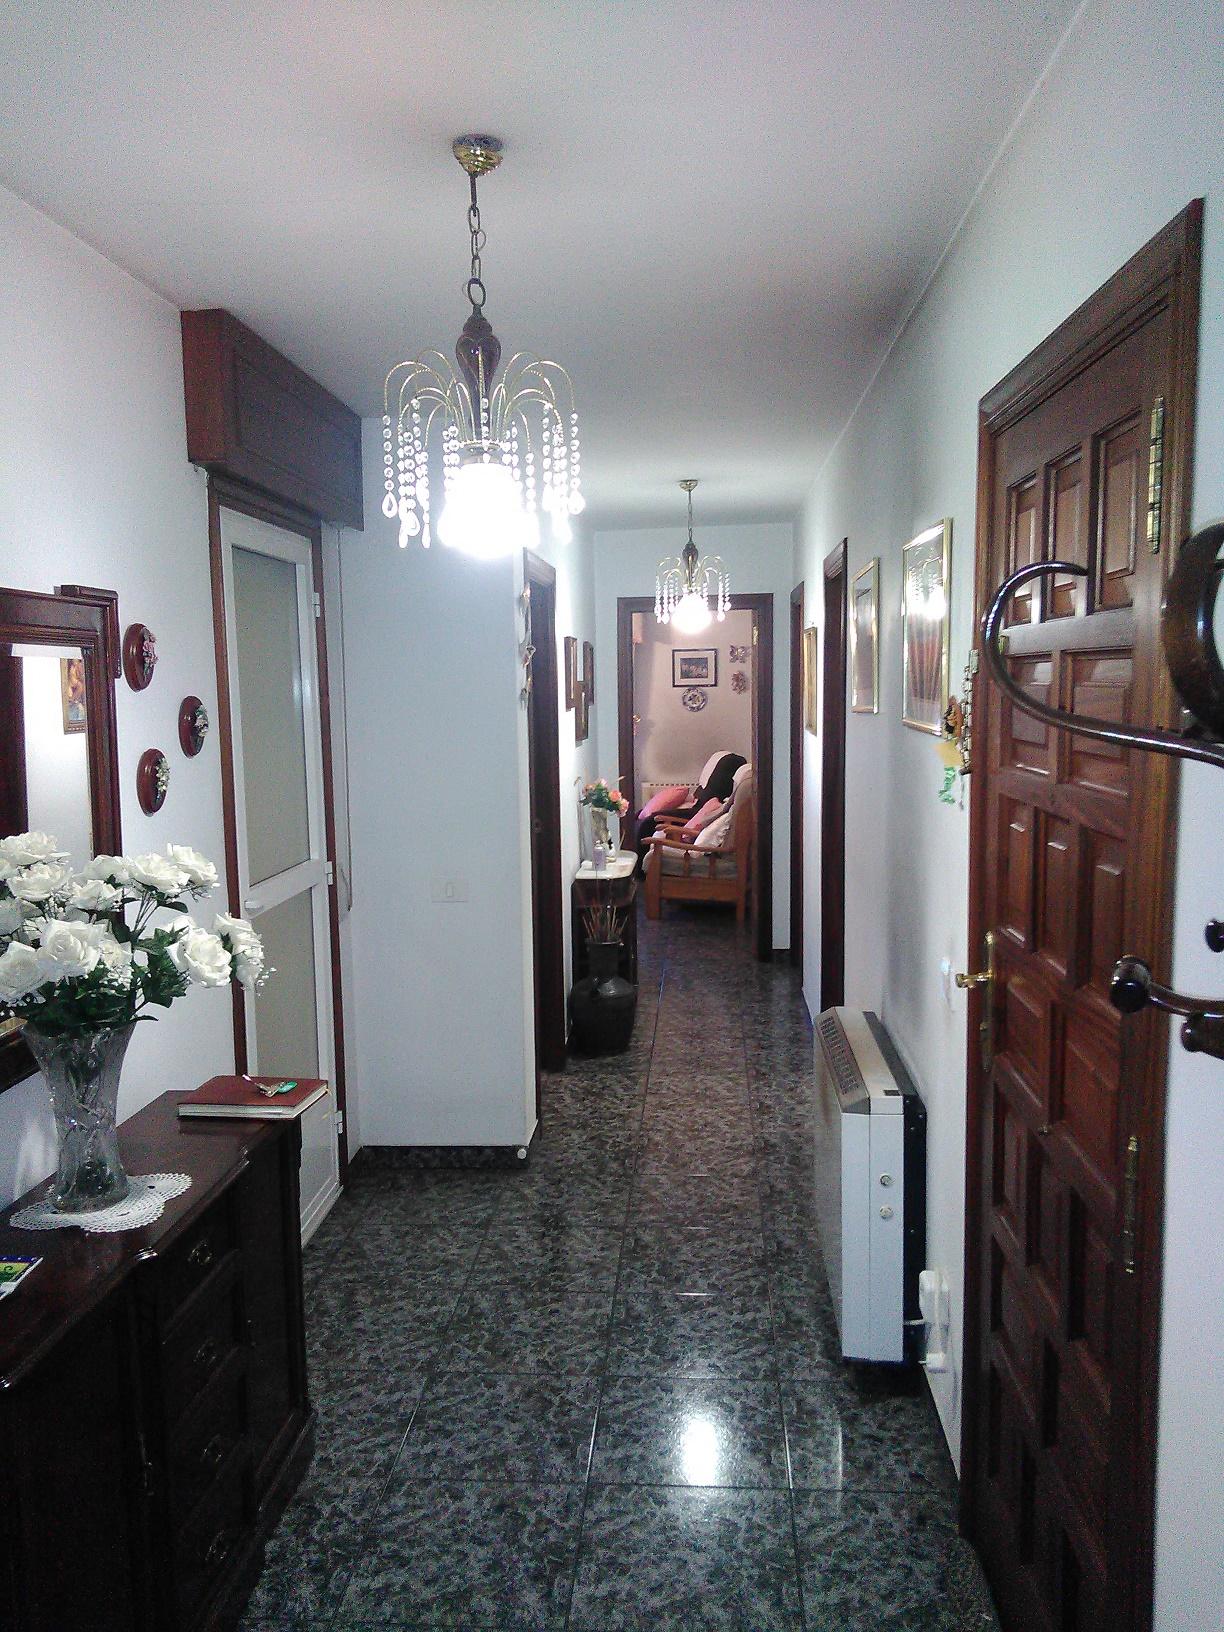 PISO C/ FERMIN MOSQUERA (CALDAS DE REIS)